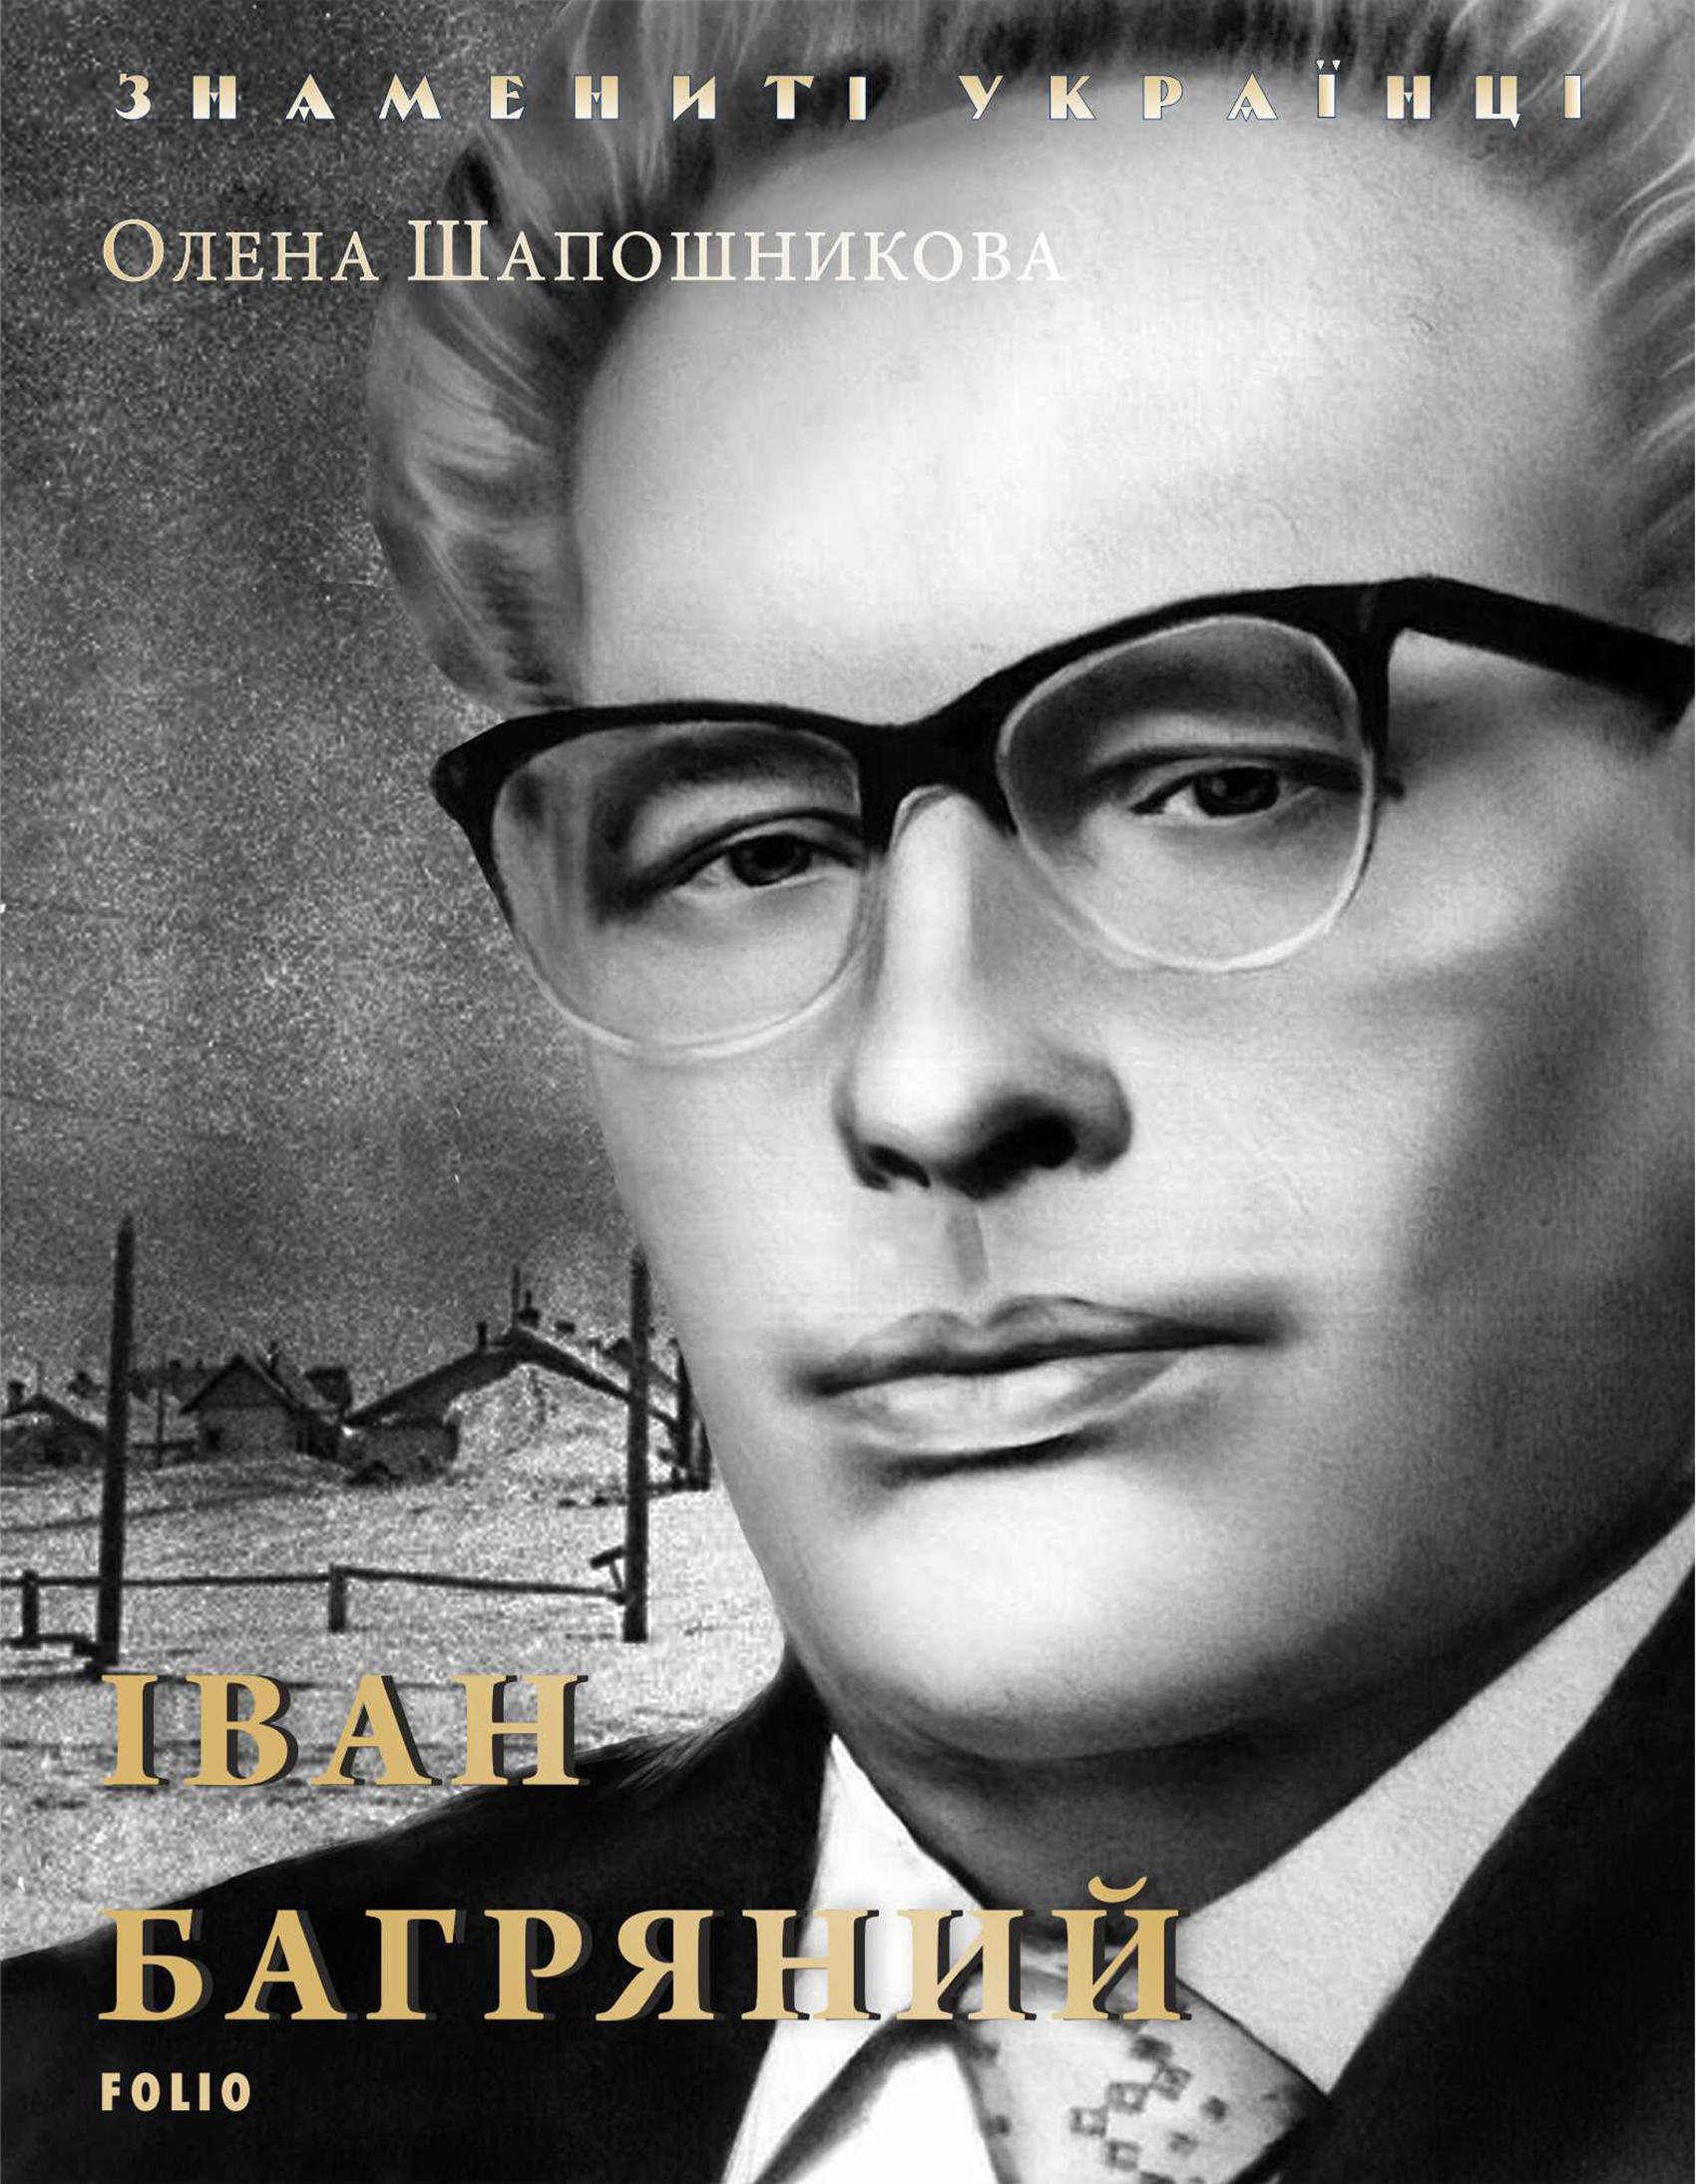 Олена Шапошникова Иван Багряный